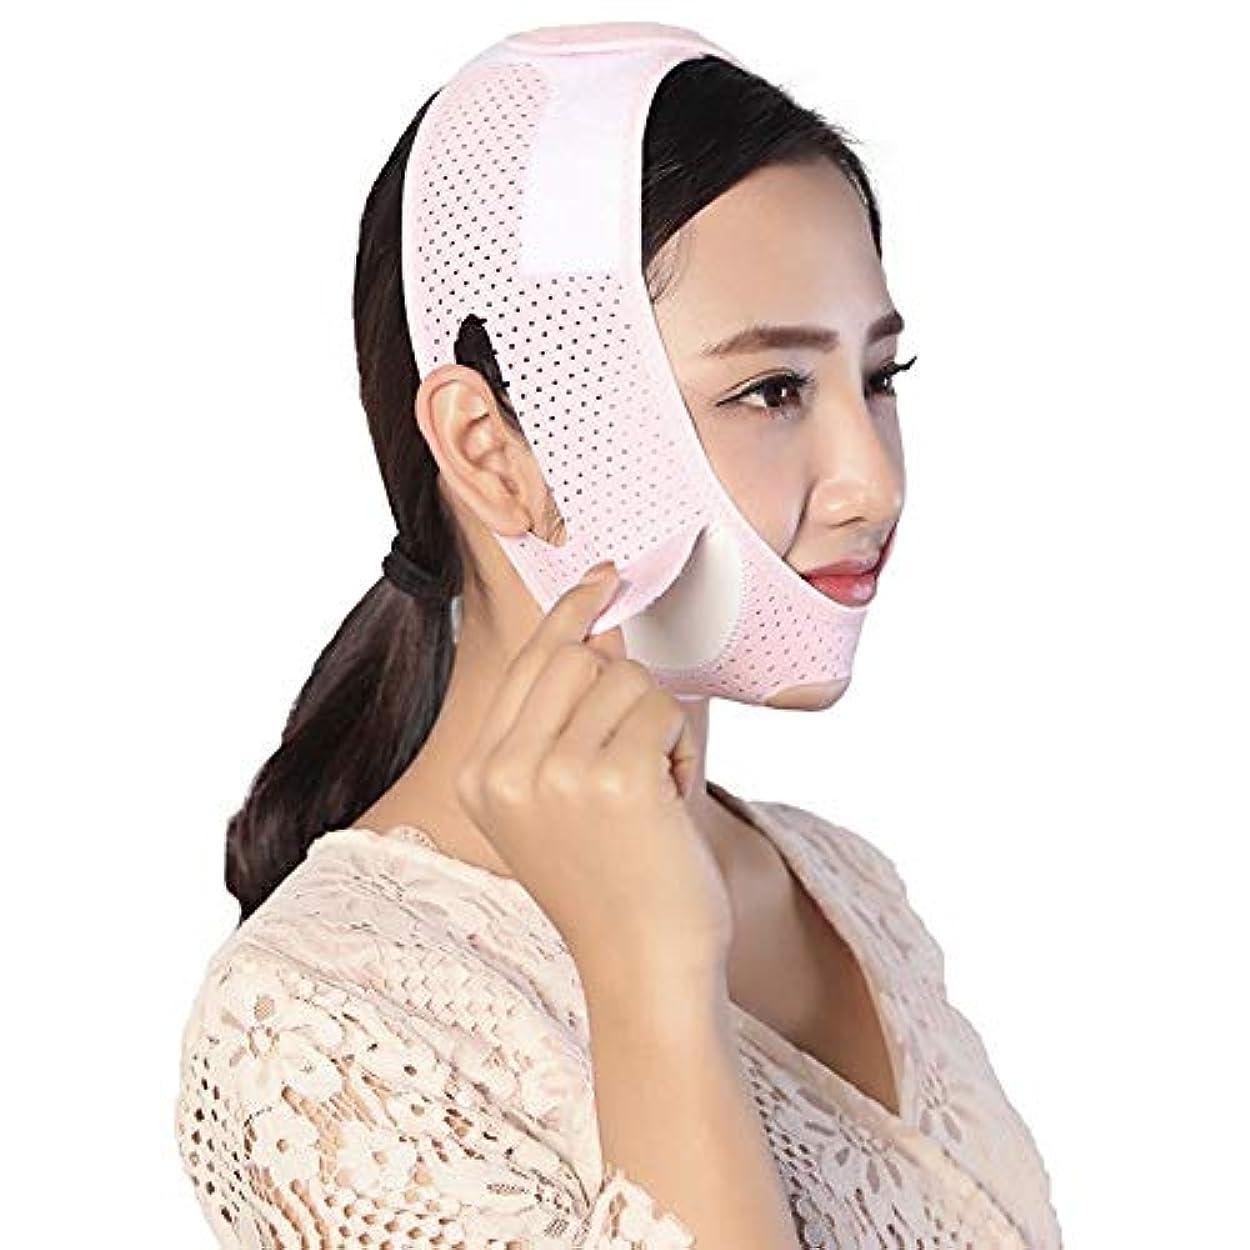 前部膨らみきらきら飛強強 フェイシャルリフティング痩身ベルト - 圧縮二重あご減量ベルトスキンケア薄い顔包帯 スリムフィット美容ツール